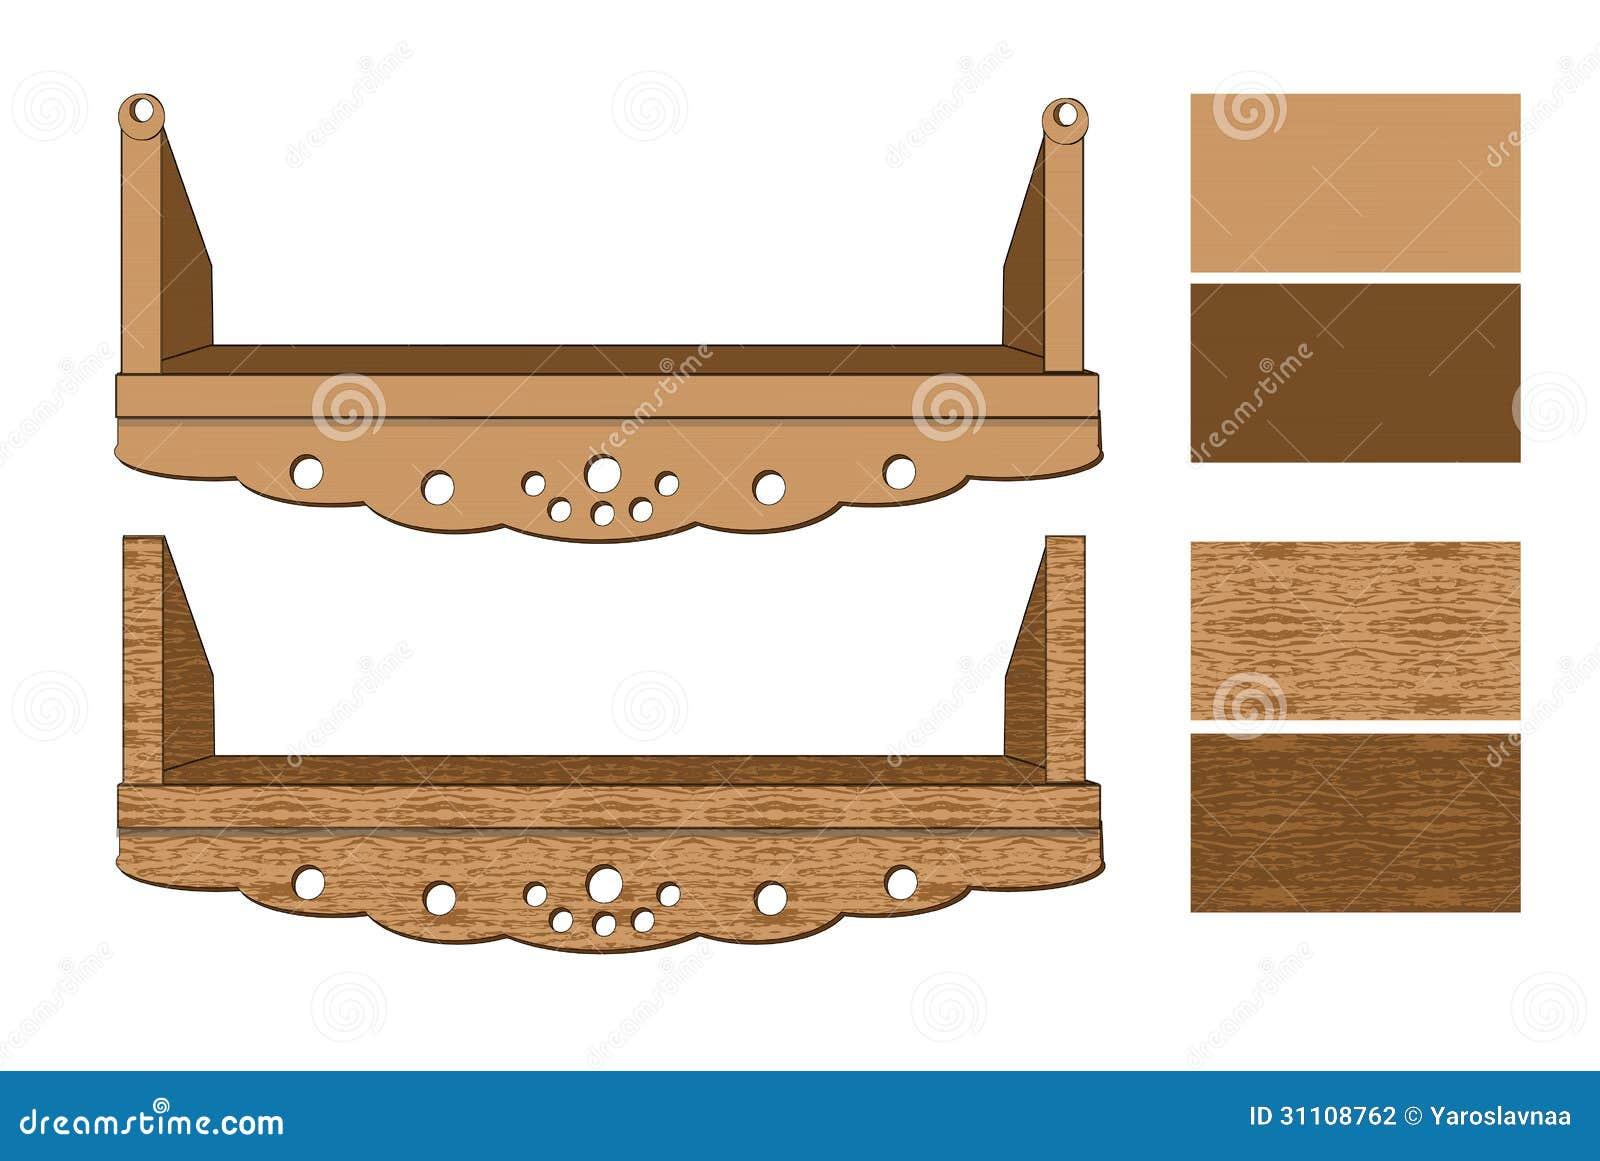 Mais imagens similares de ` Prateleiras de madeira em um fundo branco  #84A625 1300x960